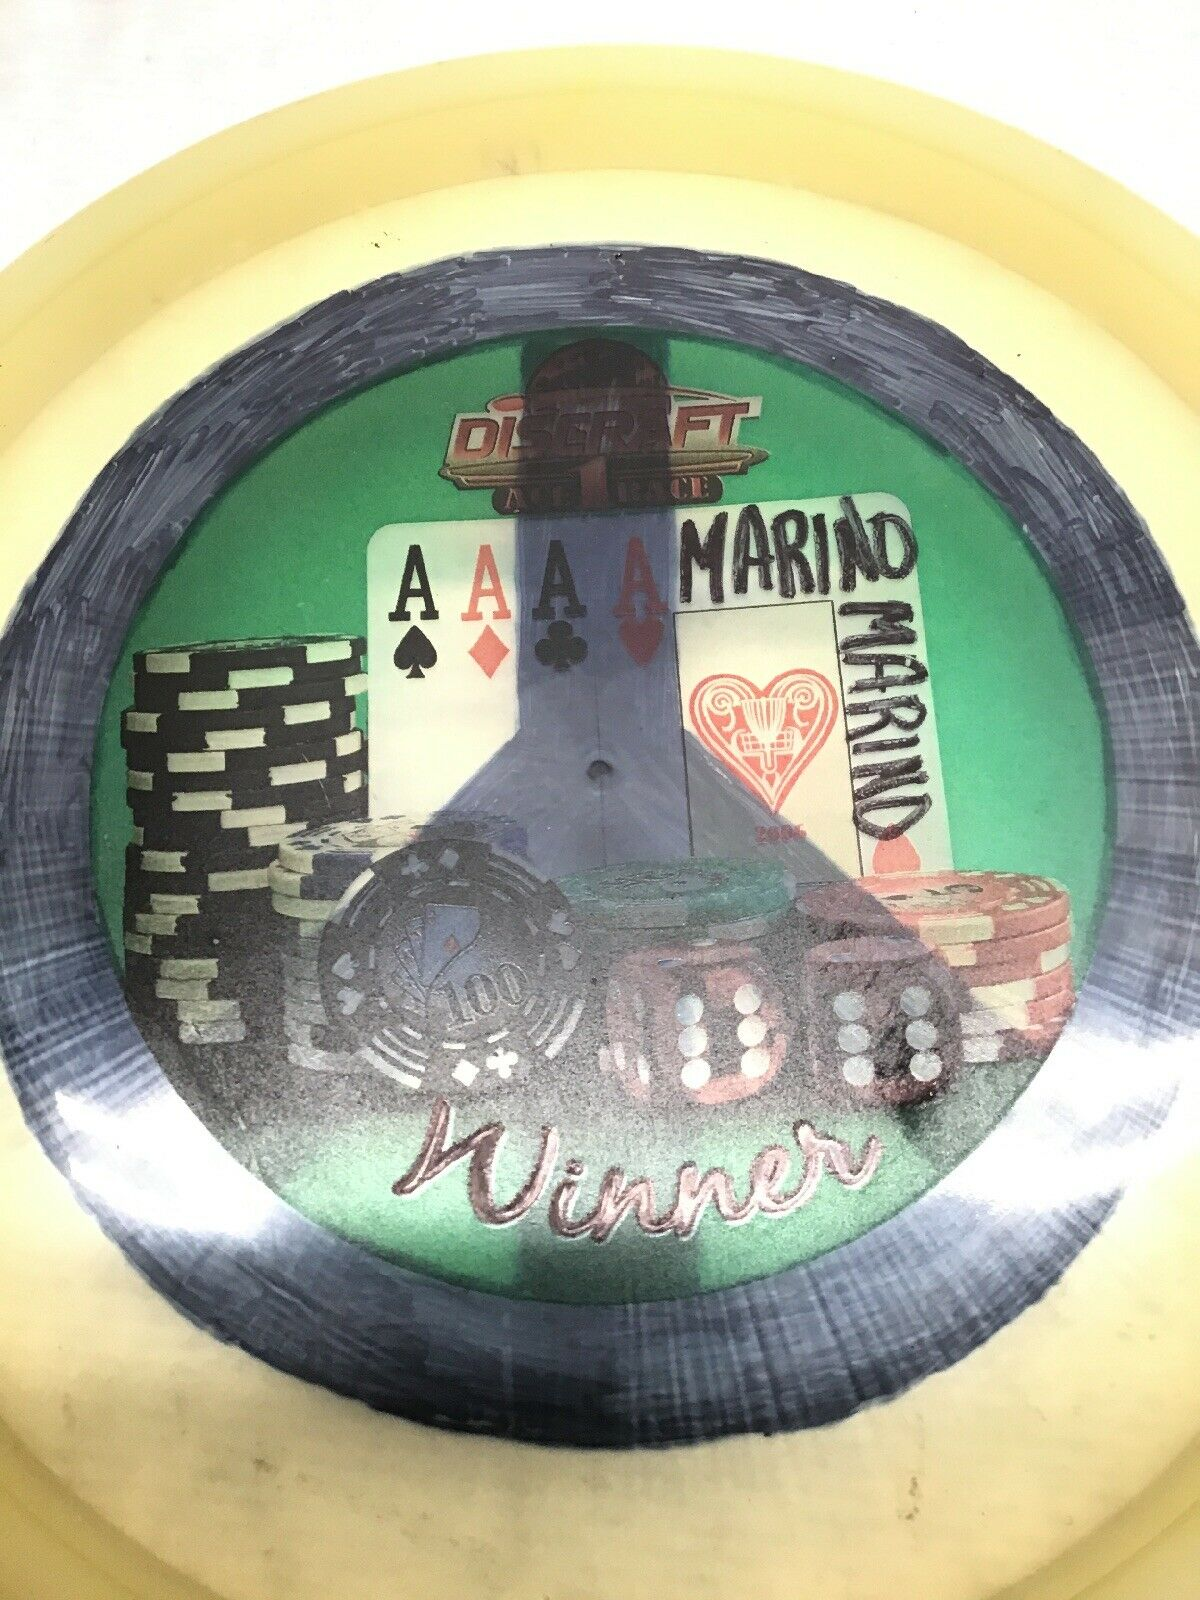 Vintage discraft Ace 1 Race Marino vainqueur numéroté  173 Paix Signe Clear Disc